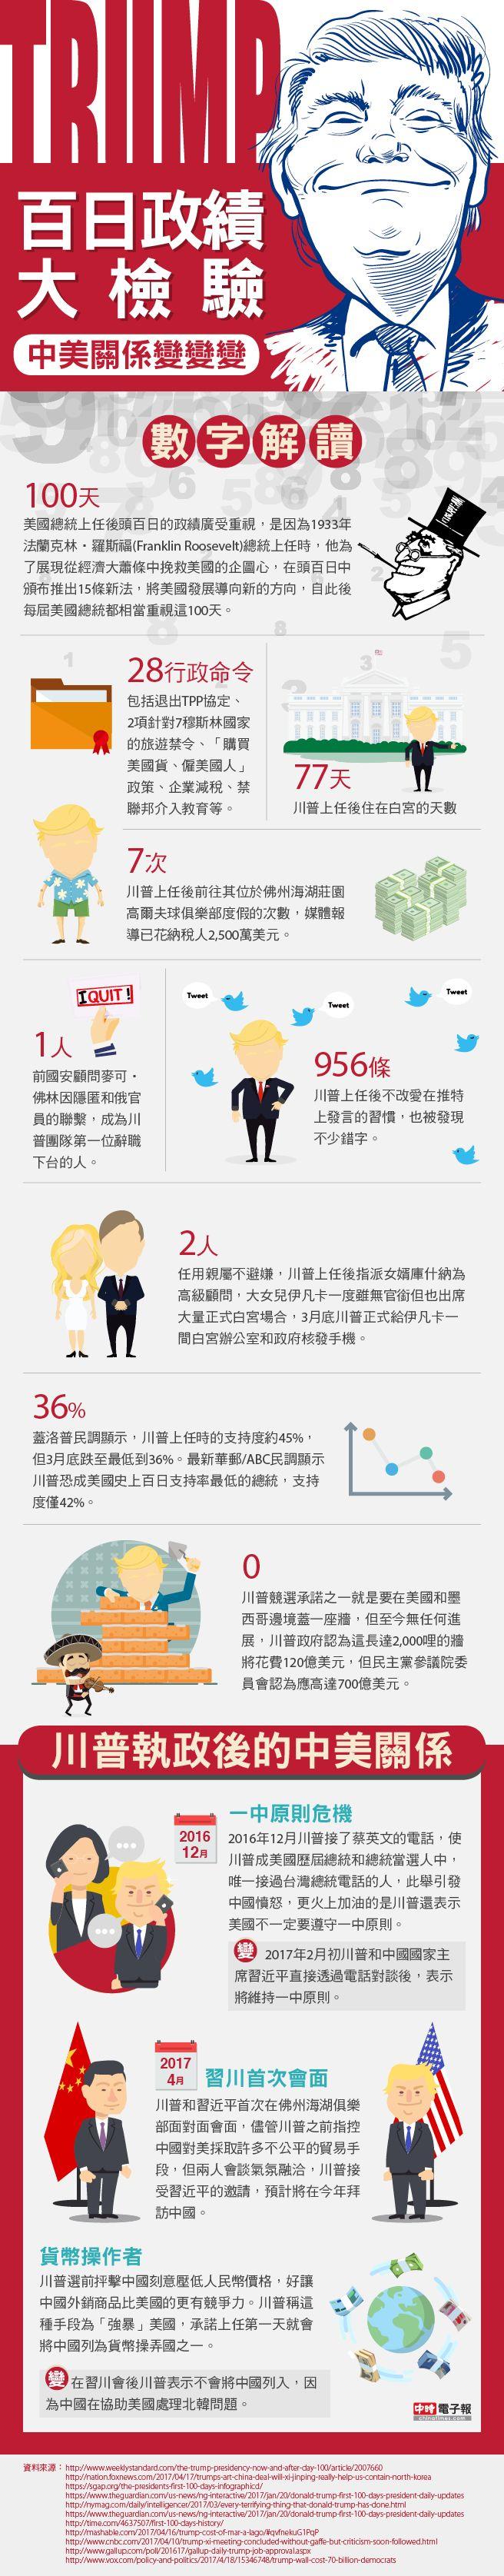 圖解新聞》川普百日政績大檢驗 中美關係變變變 Infographic:Trump's first 100 days and changes in Sino-US relations